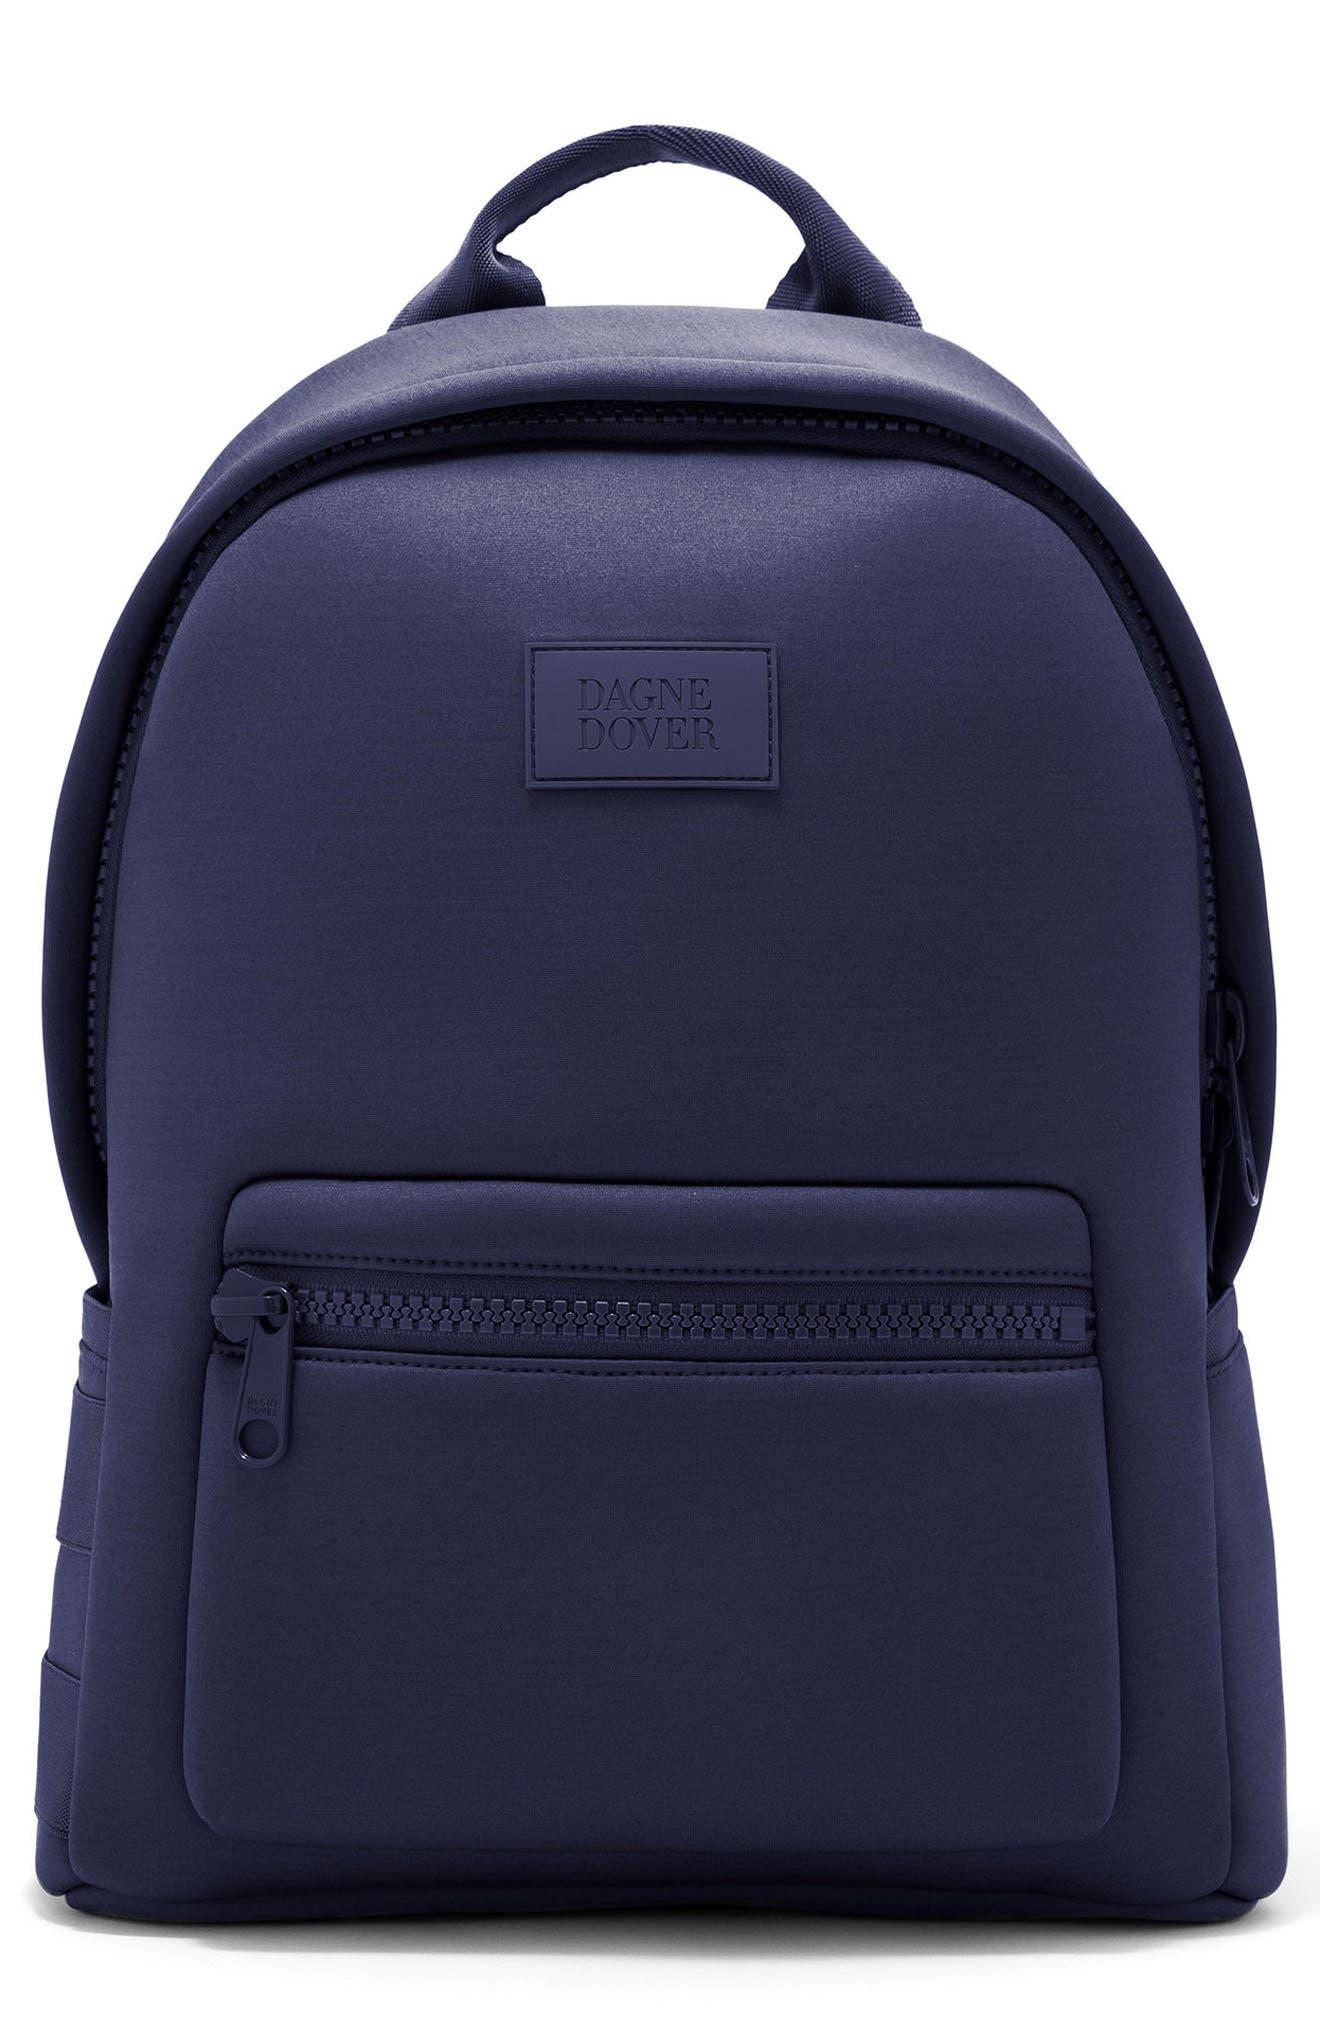 Alternate Image 1 Selected - Dagne Dover 365 Dakota Neoprene Backpack